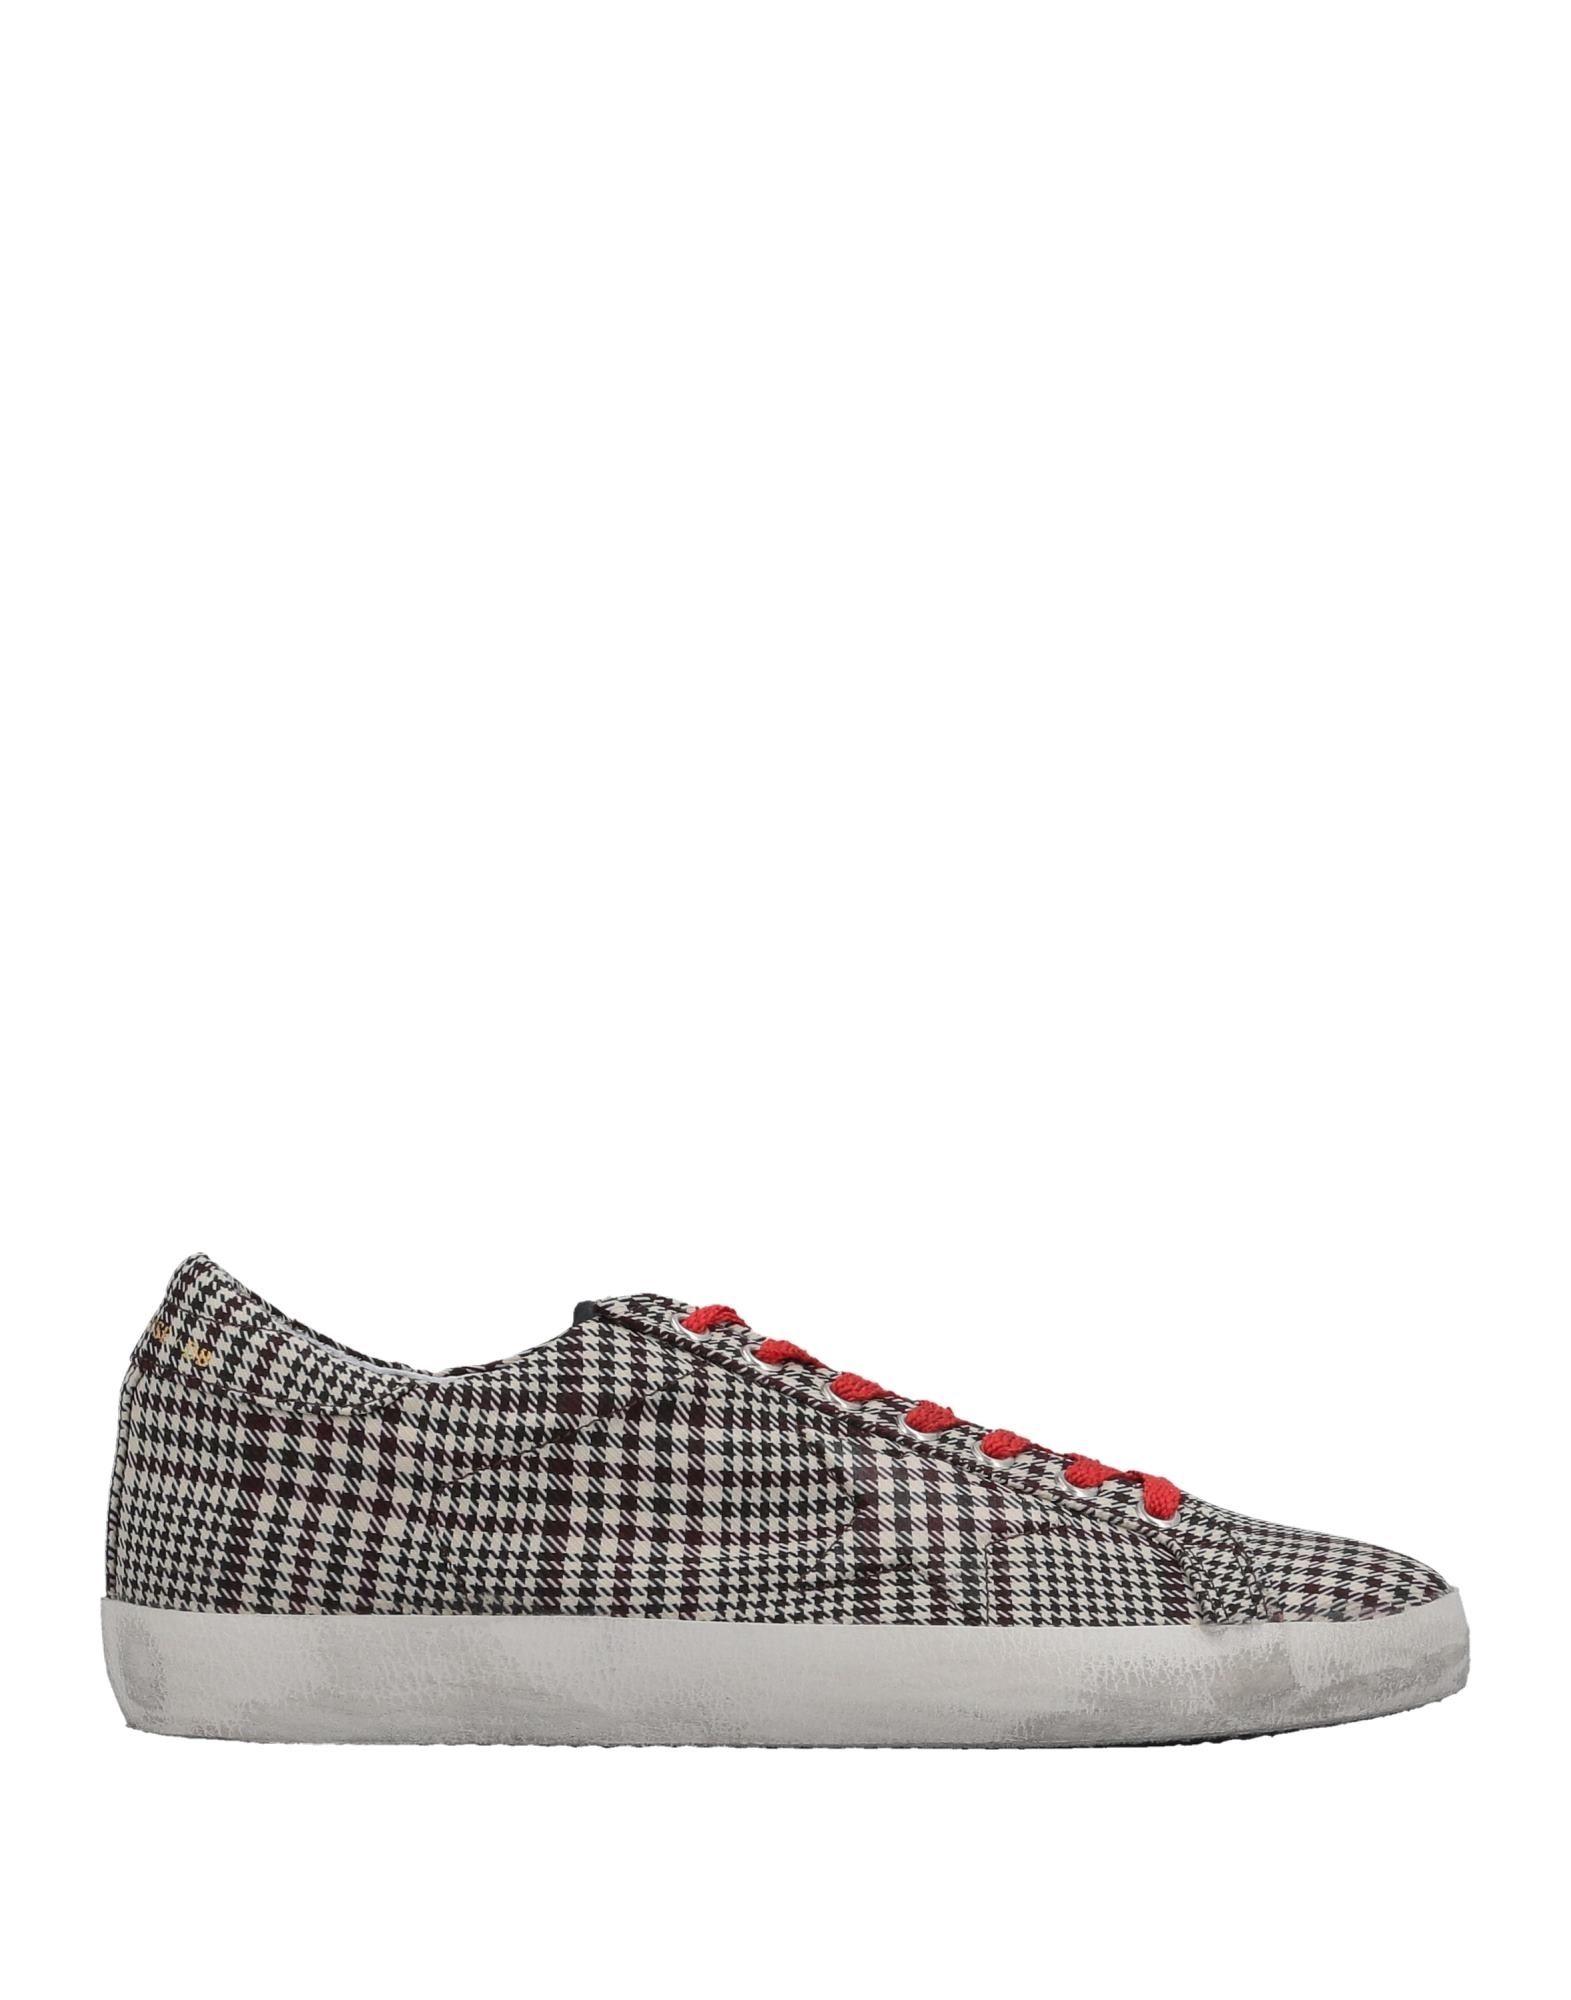 Golden Goose Deluxe Brand Sneakers Herren  11506744UL Gute Qualität beliebte Schuhe